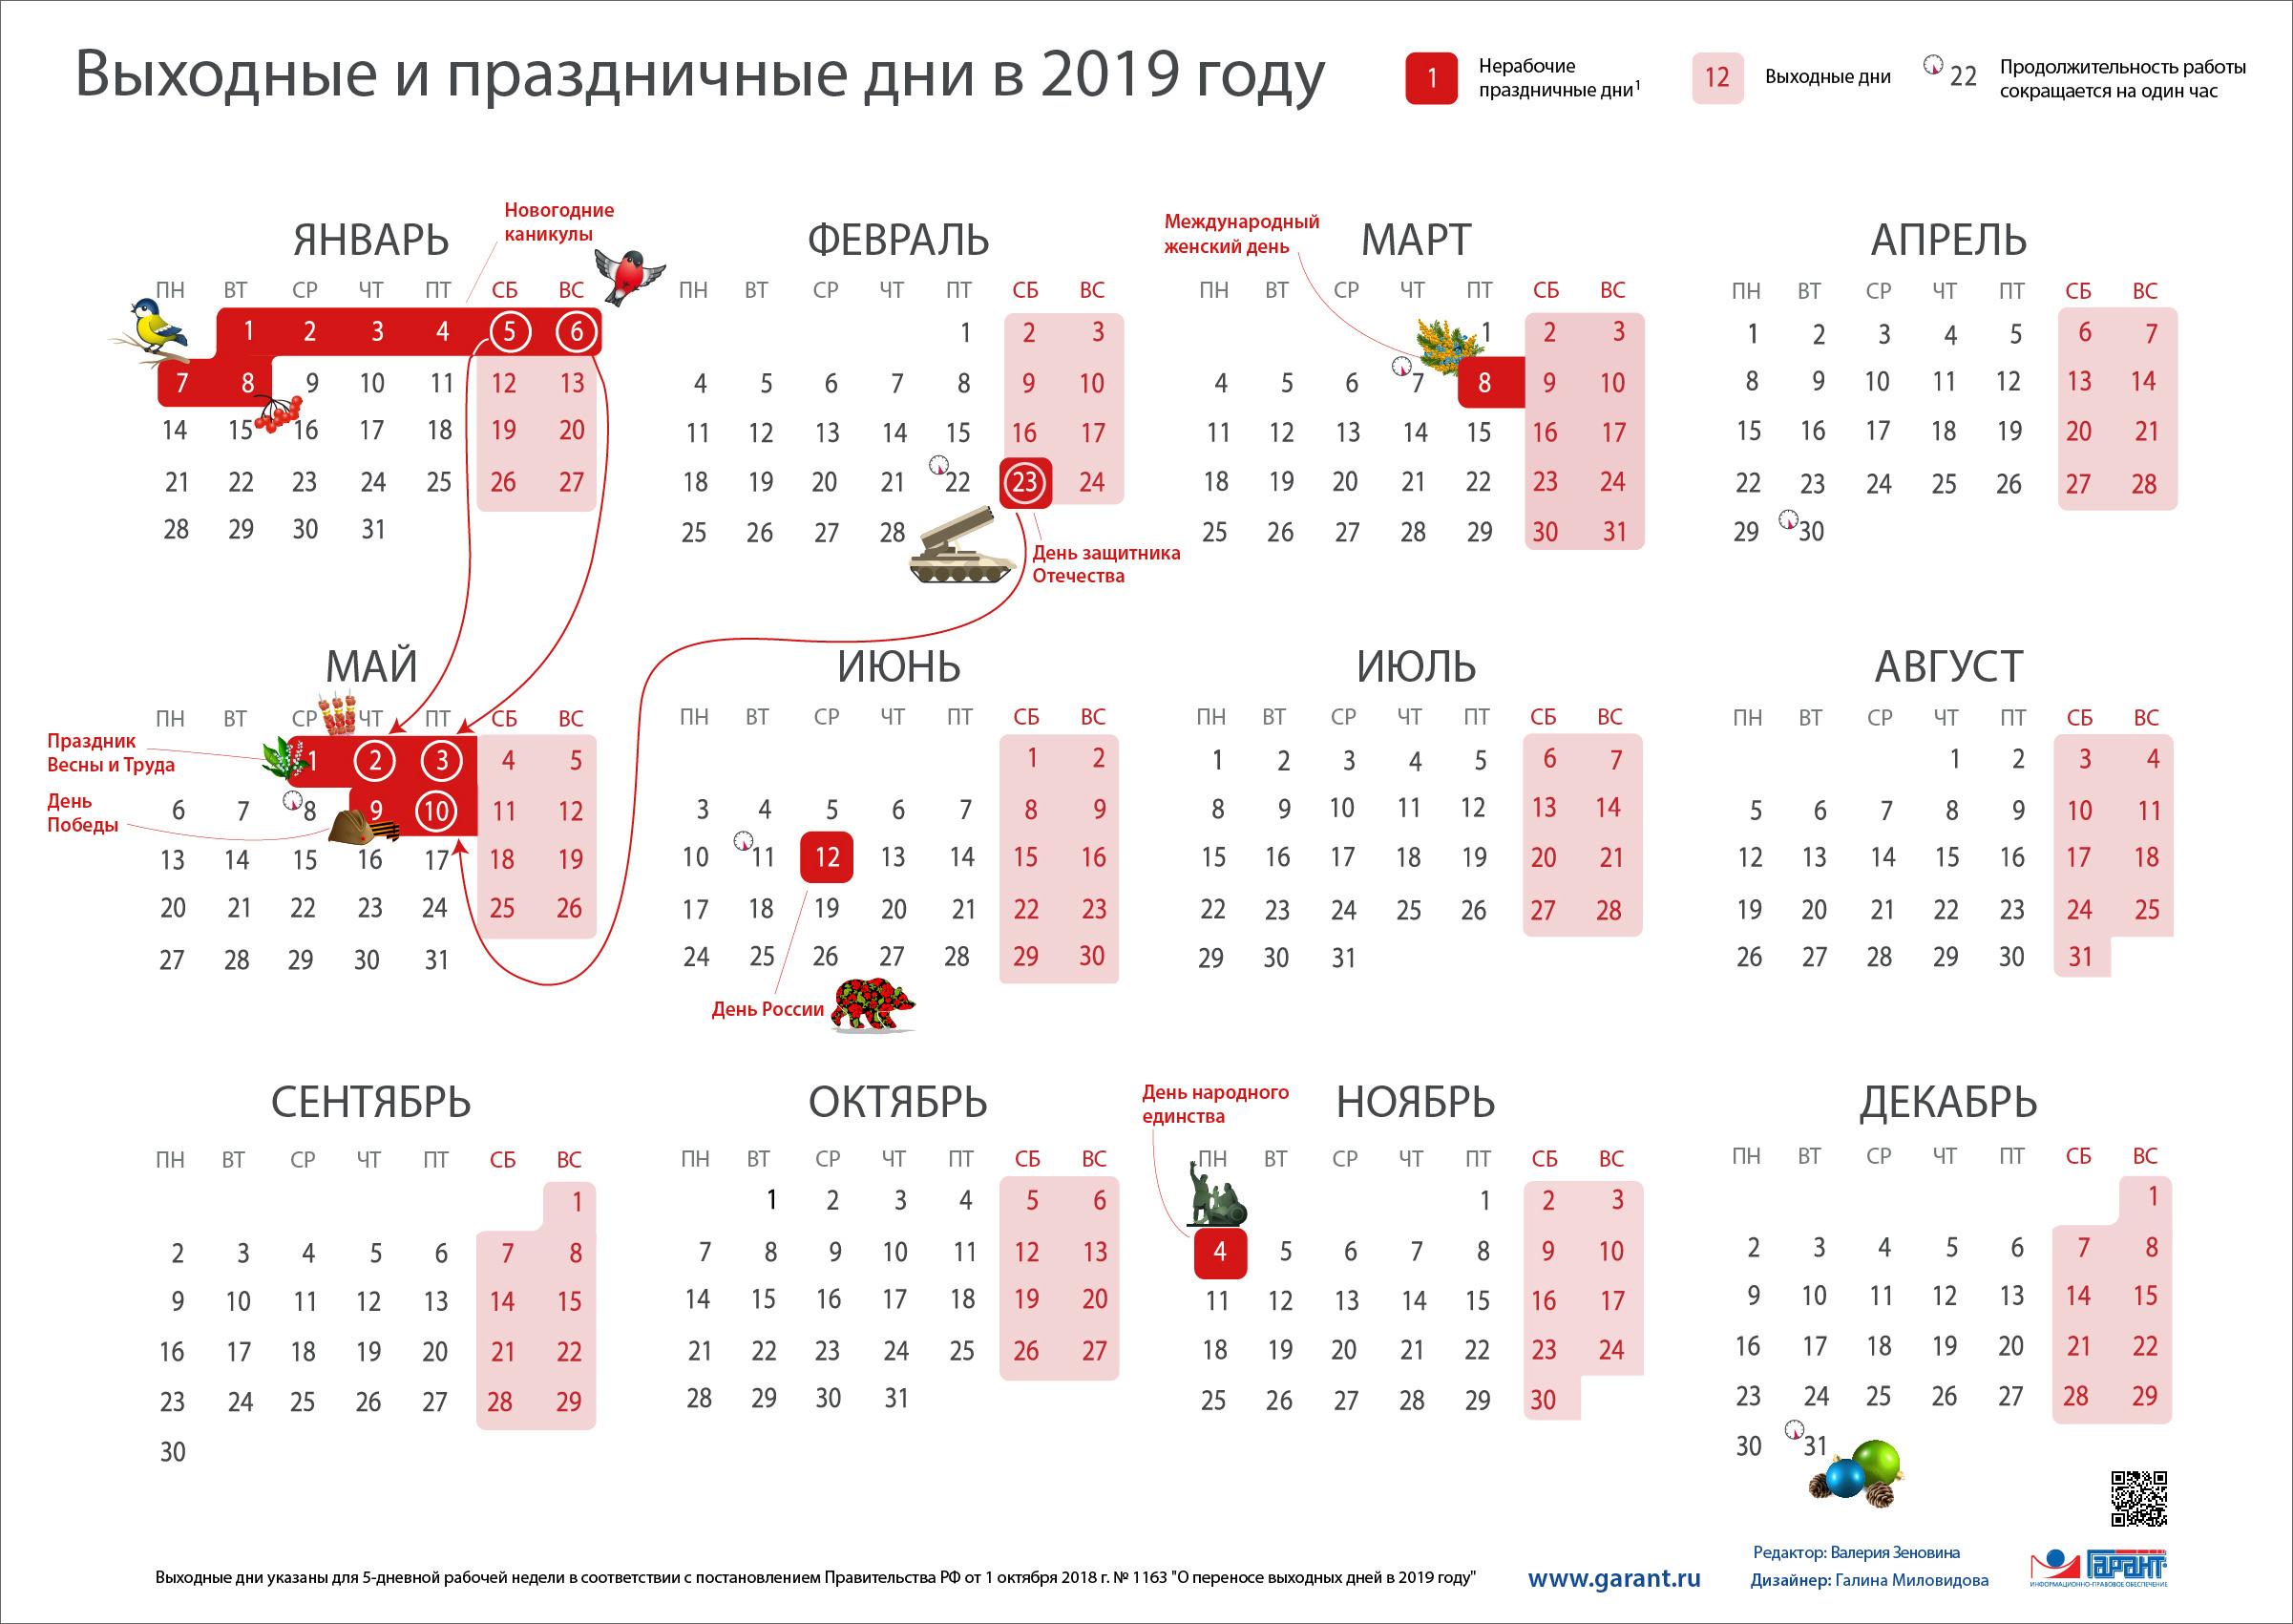 Выходные и праздничные дни в 2019 году